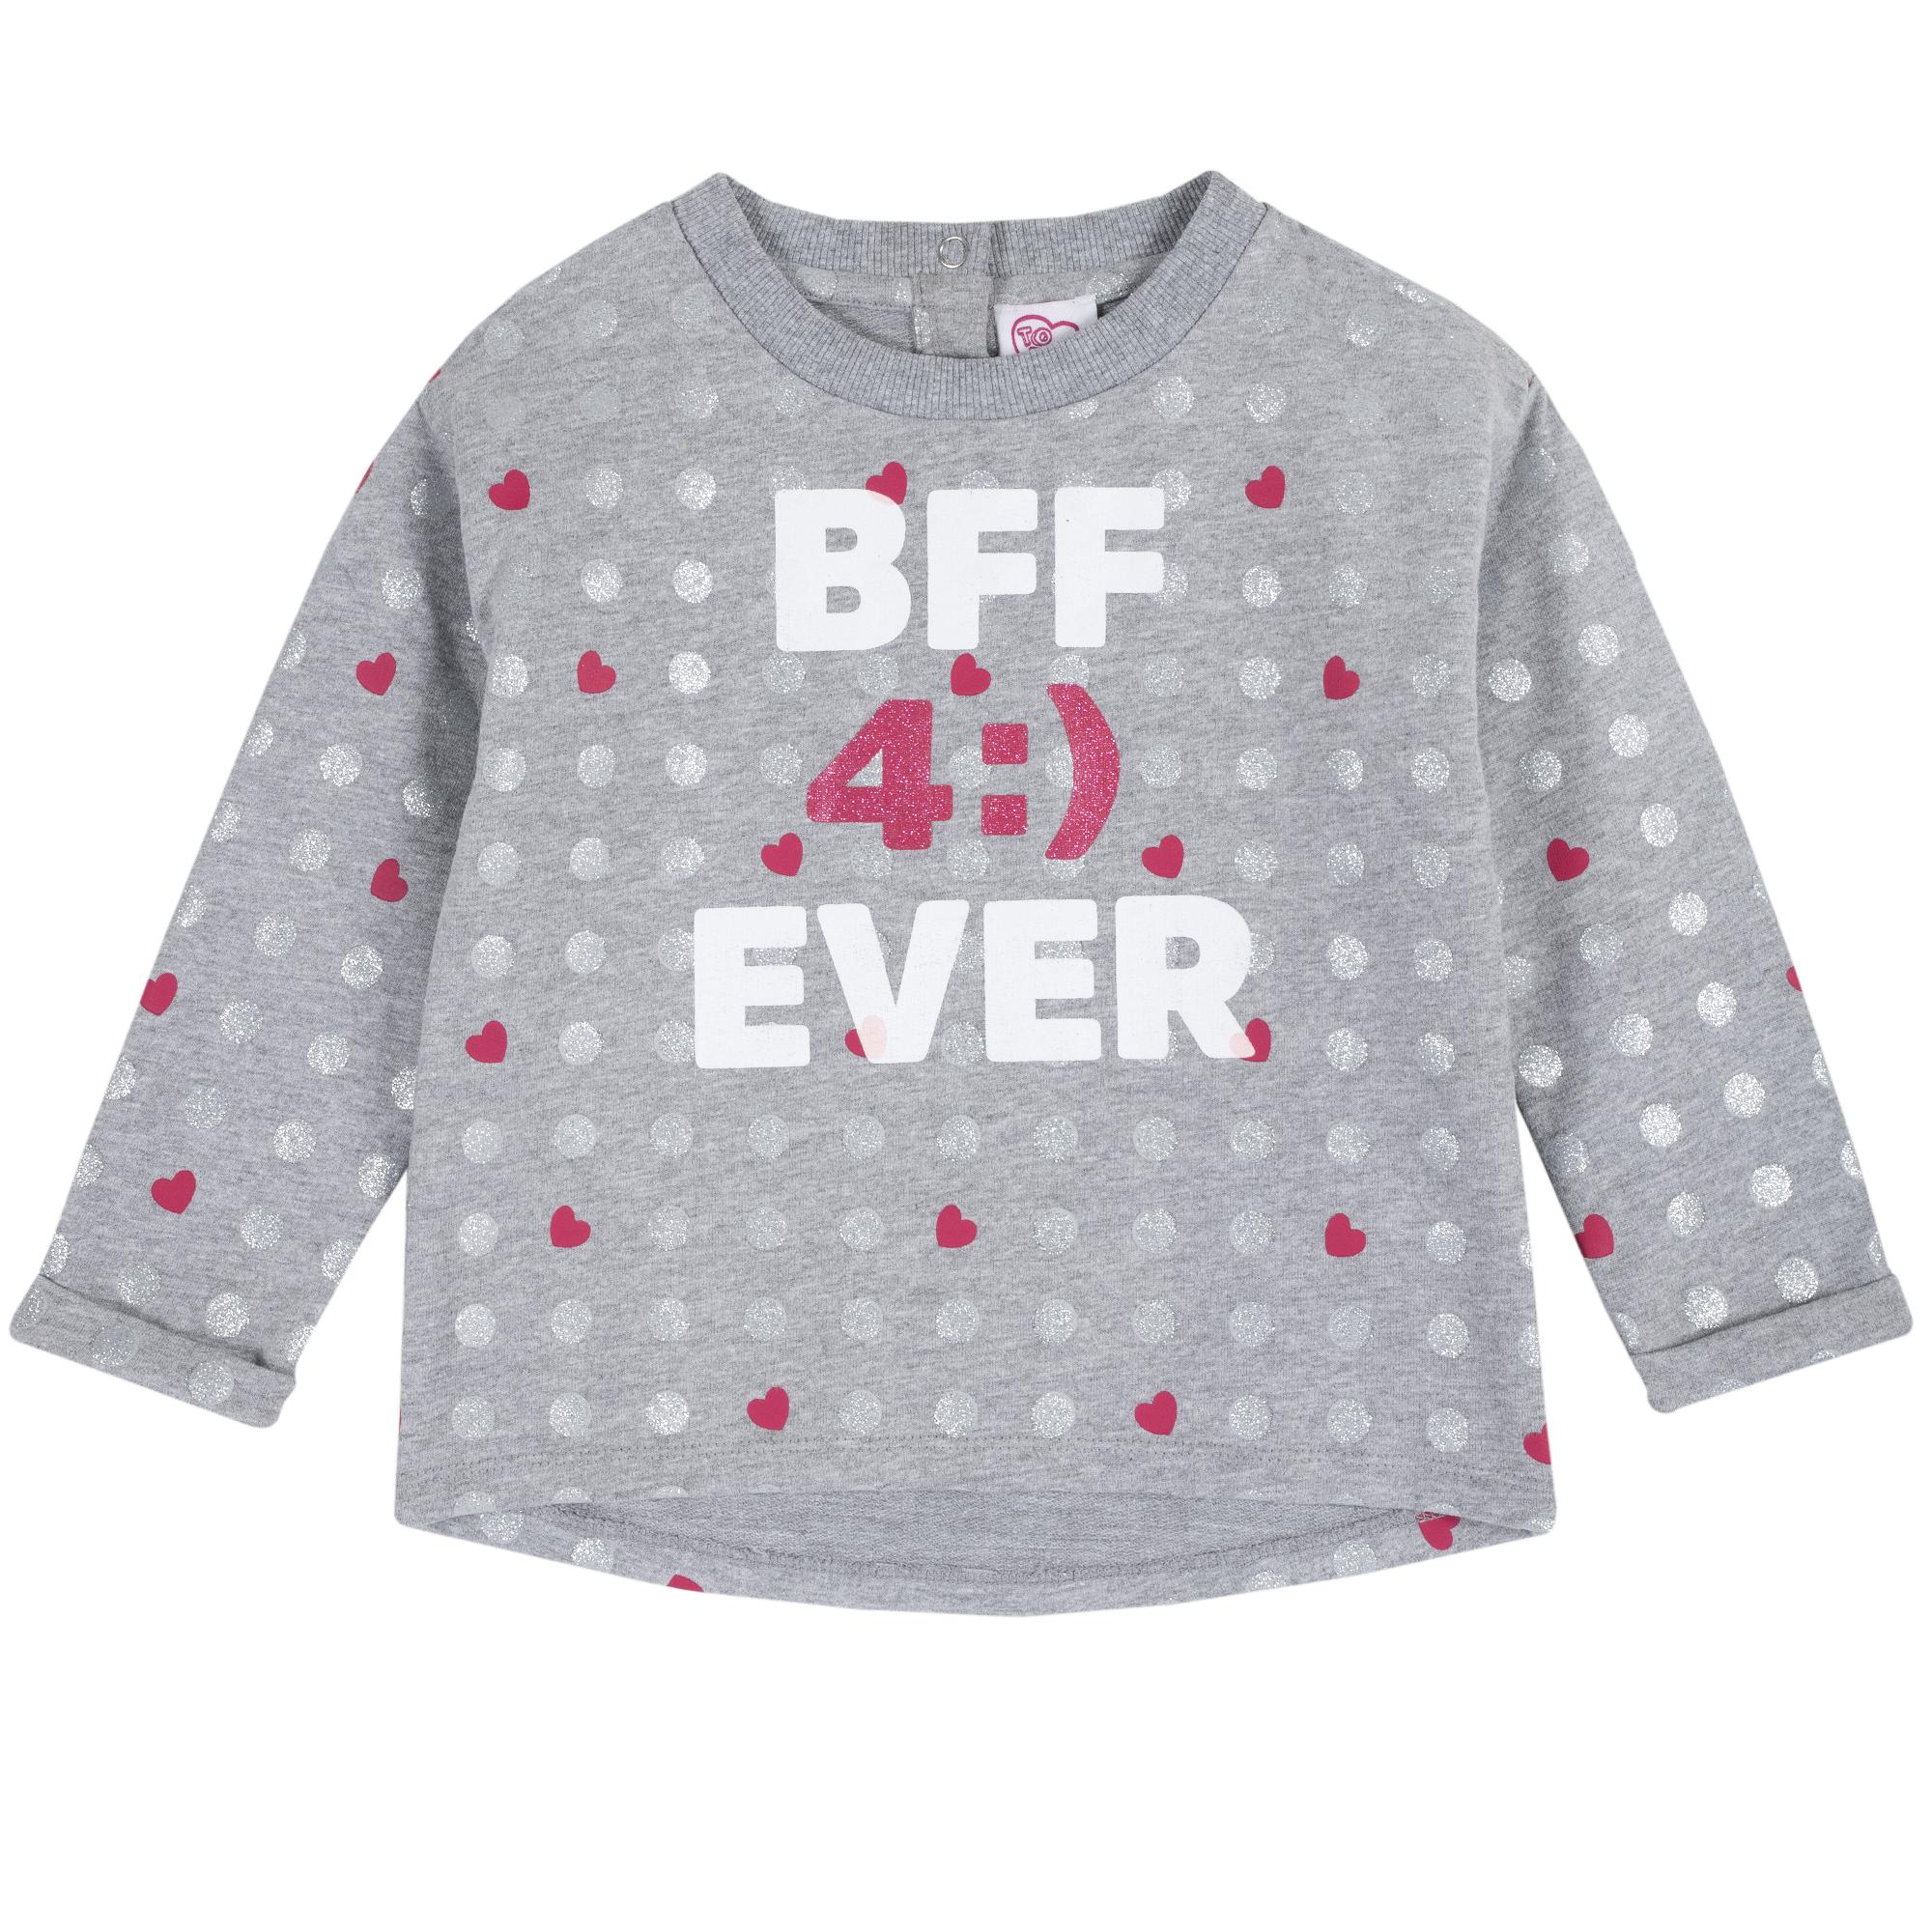 Bluza copii Chicco, gri cu model, 69375 din categoria Bluze copii